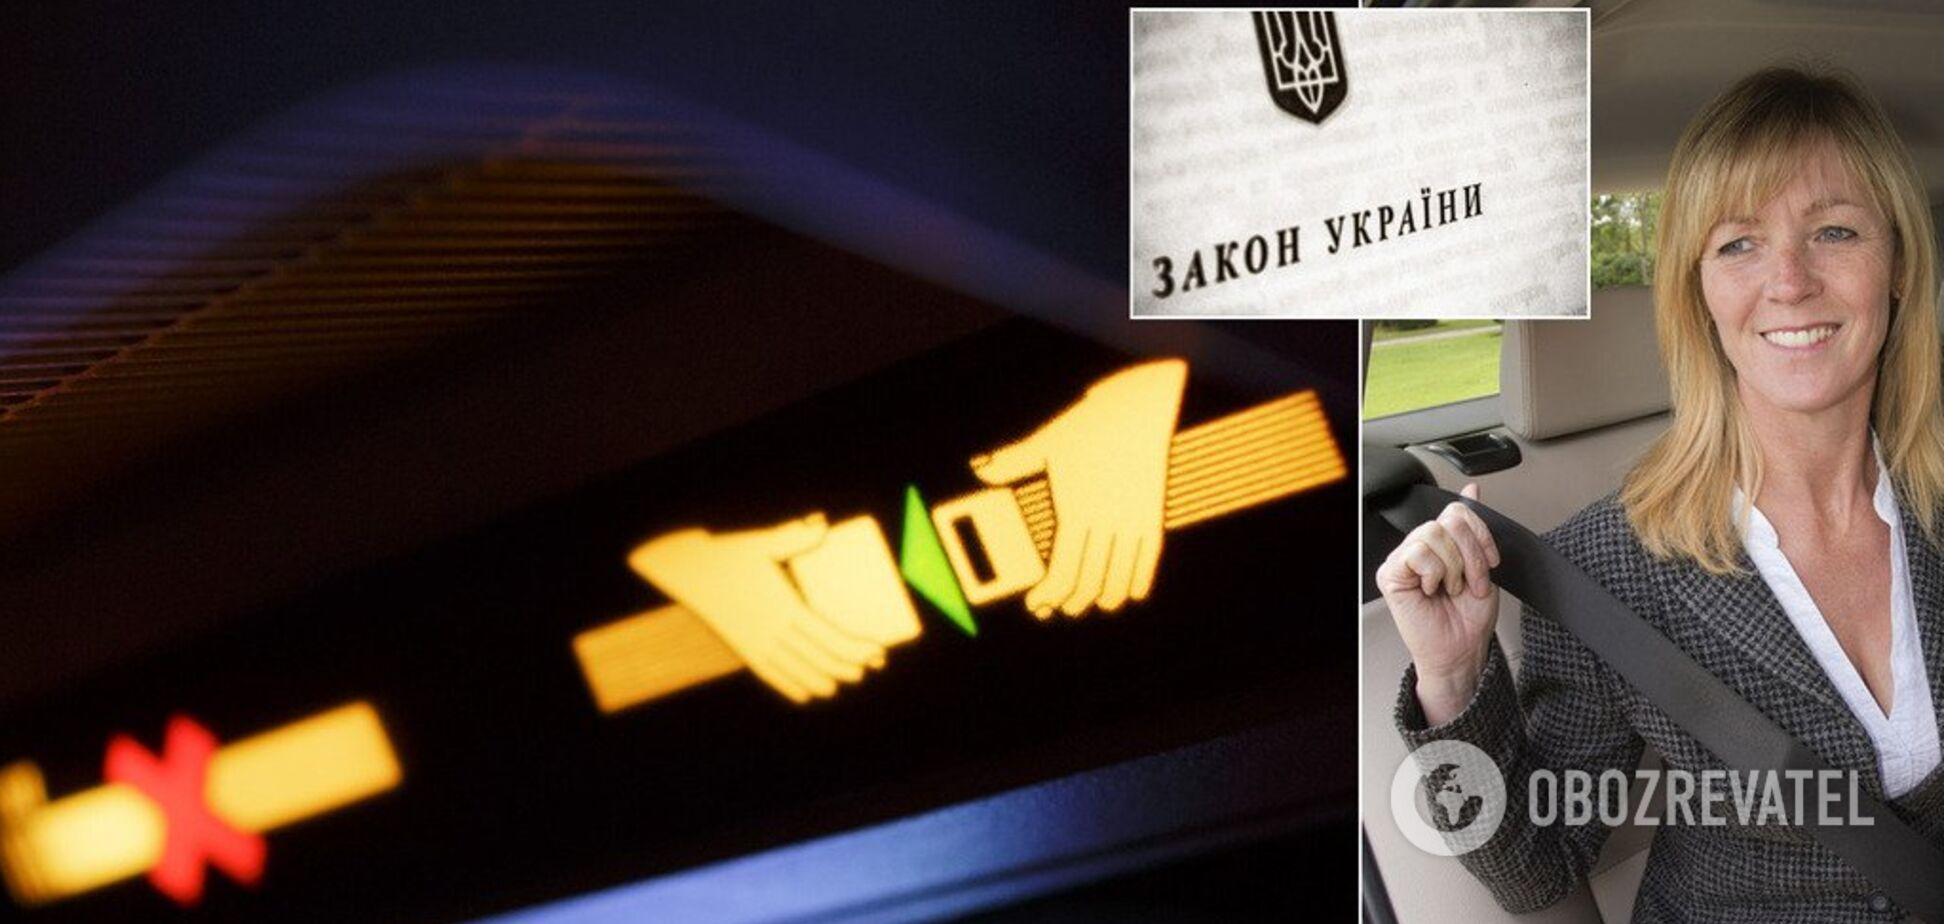 Штрафи збільшать у 10 разів: в Україні оголосять війну порушникам на дорогах